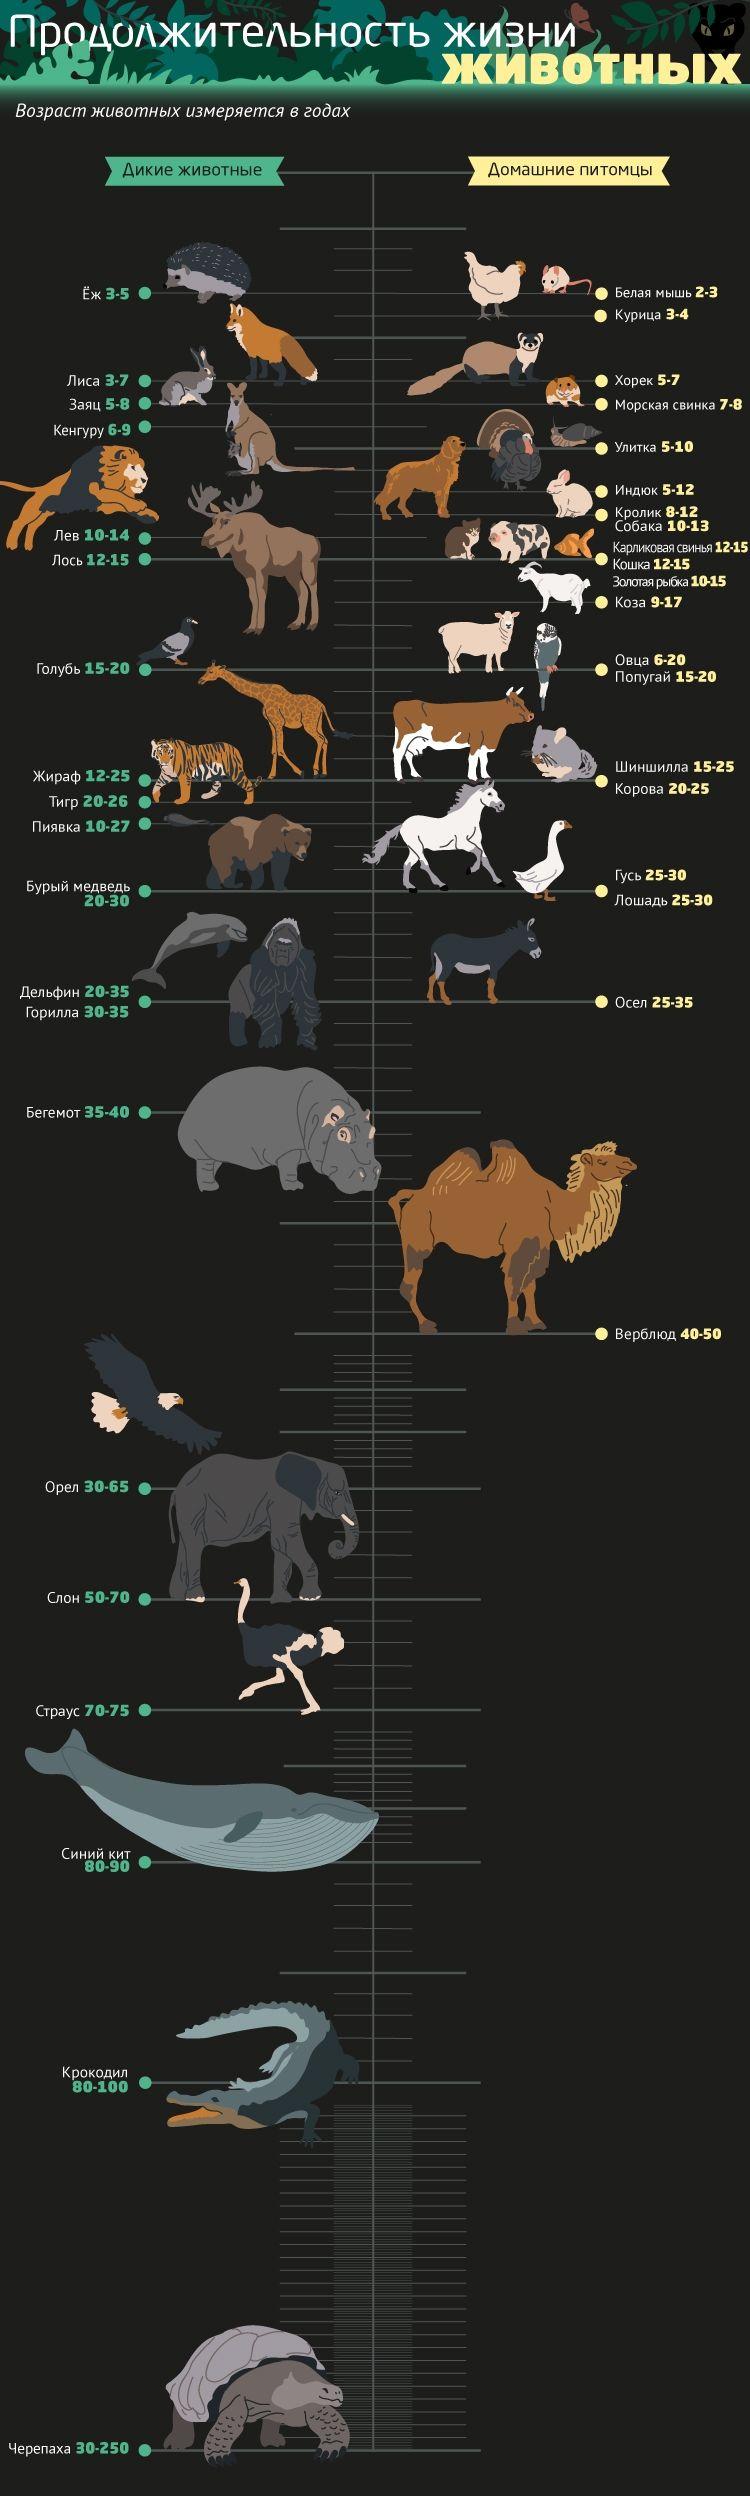 Реферат продолжительность жизни животных и растений 639